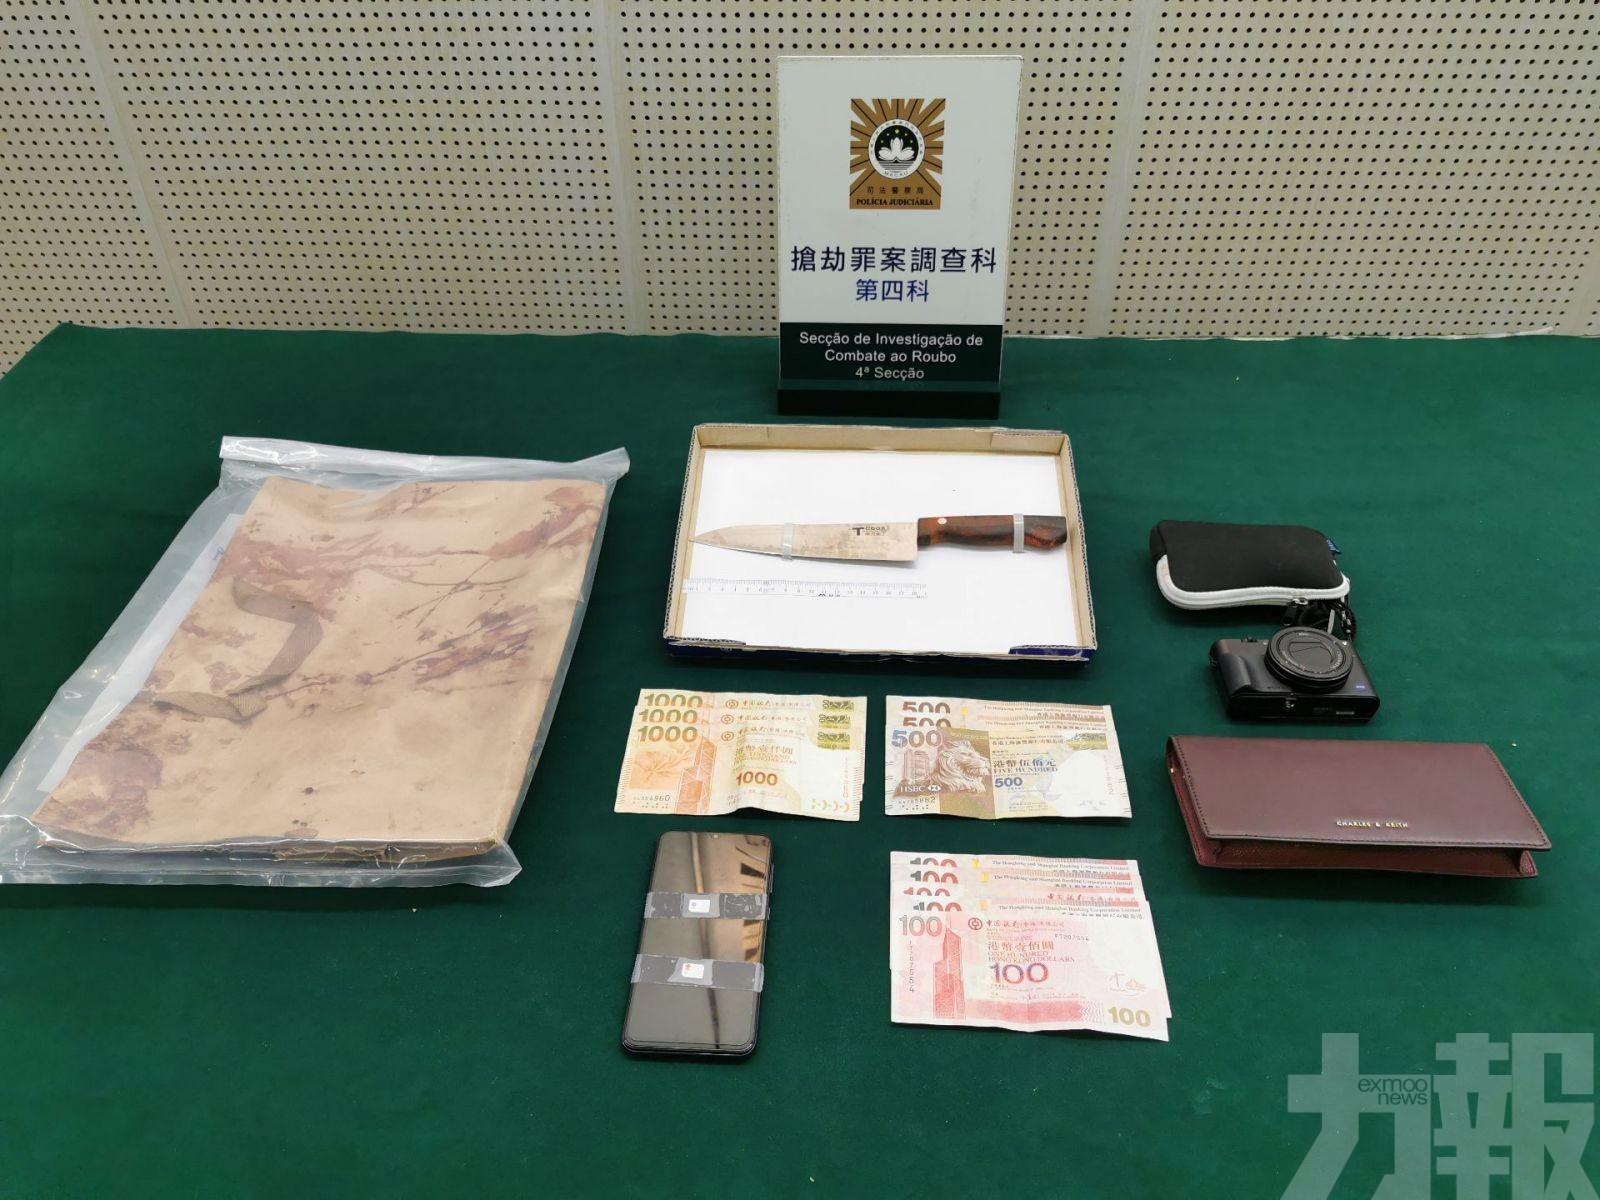 司警拘捕43歲慣犯淫狼